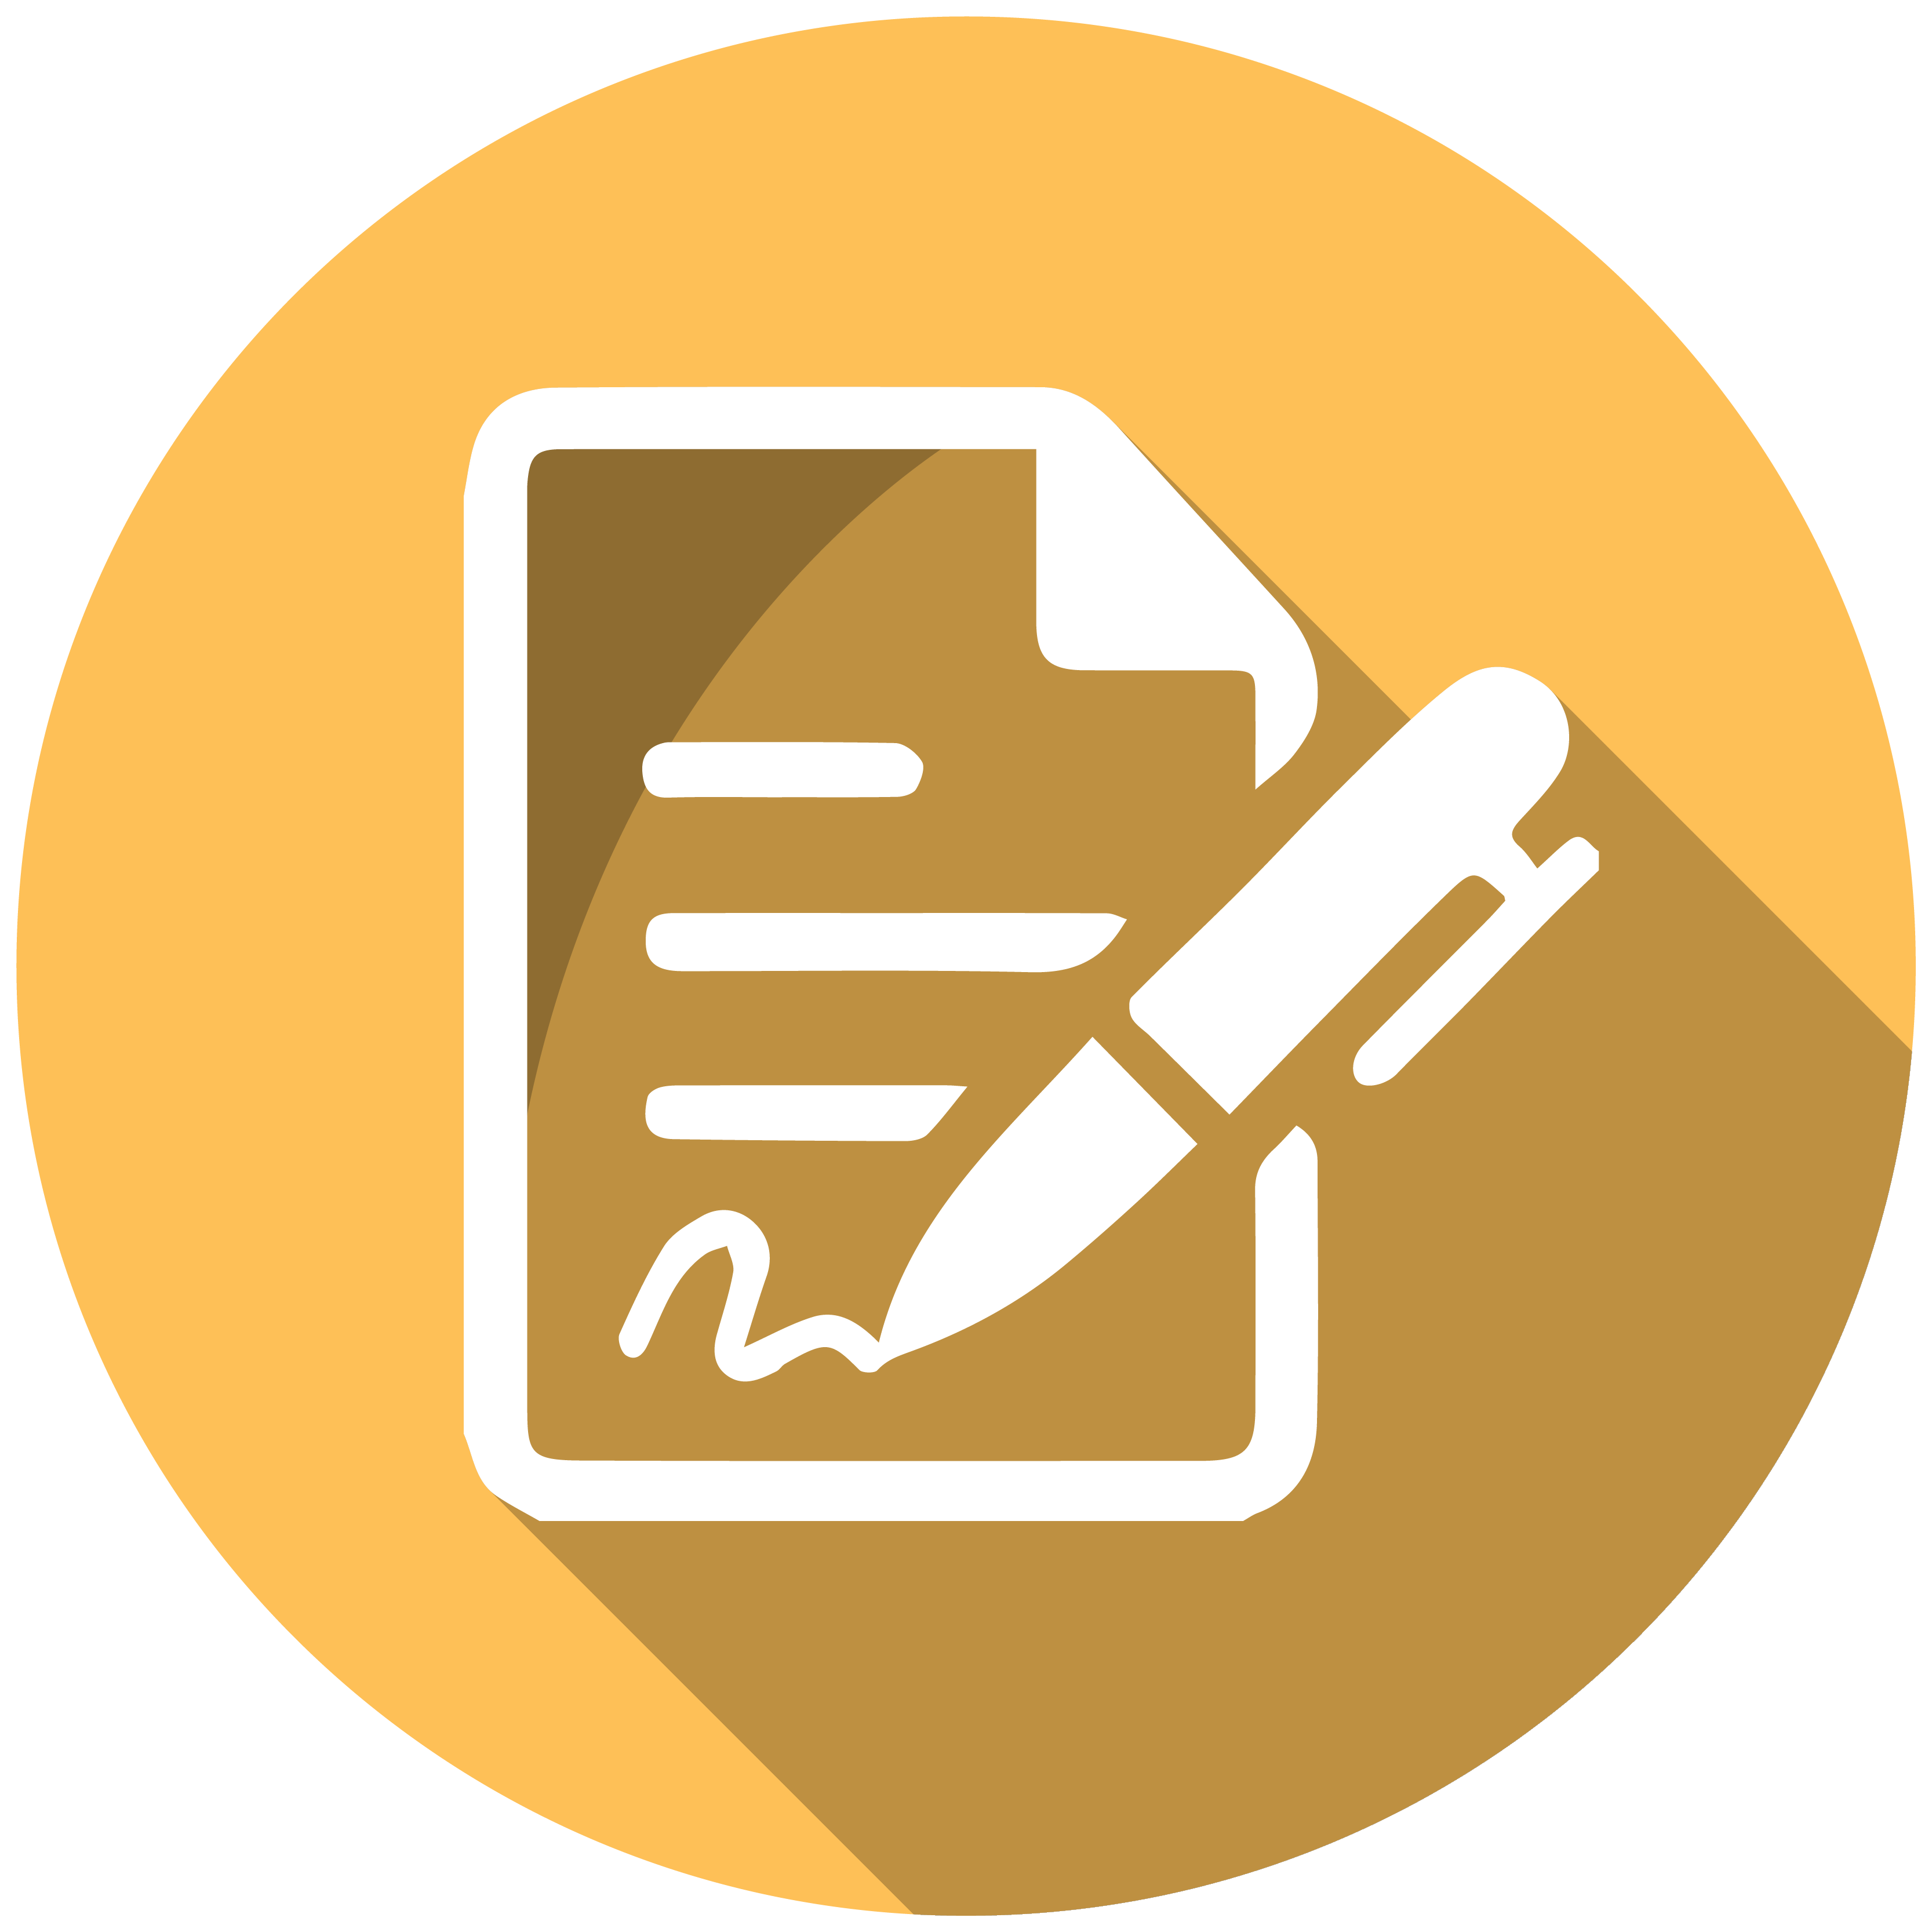 کاملترین فایل پاورپوینت فصل دوم کتاب حسابداری مدیریت پیشرفته سجادی و صوفی با موضوع ارزیابی متوازن